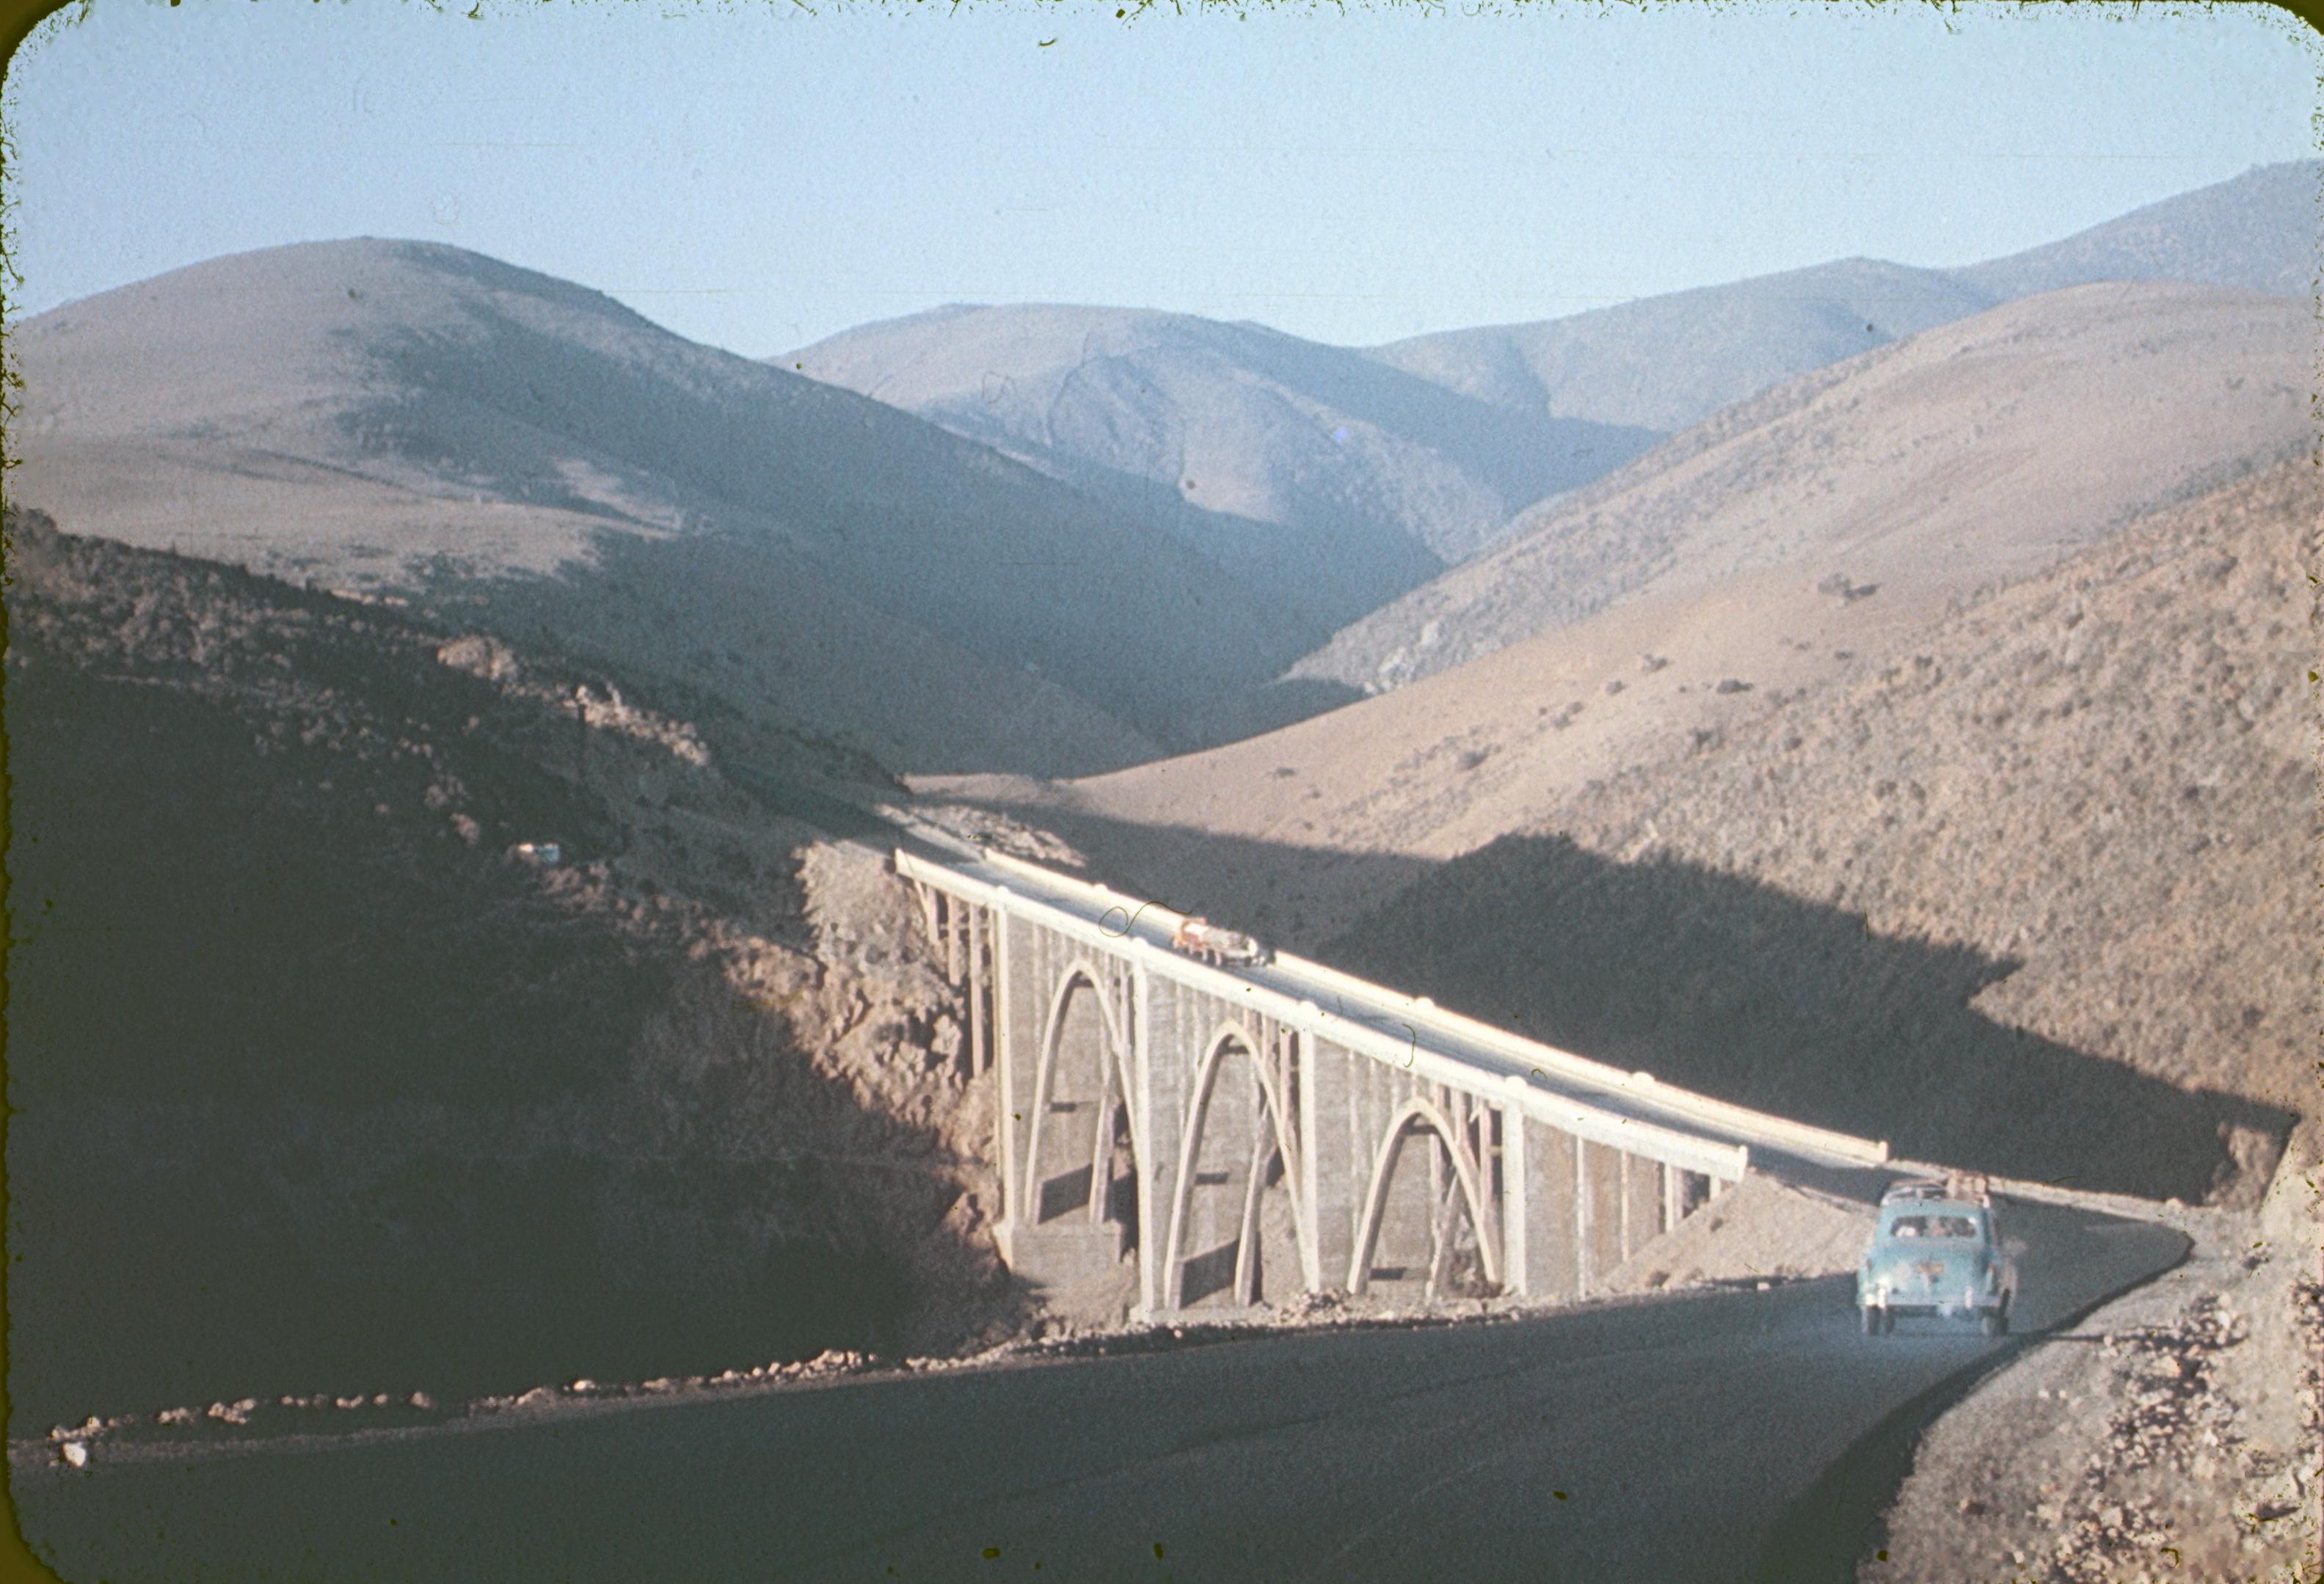 Enterreno - Fotos históricas de chile - fotos antiguas de Chile - Puente Amolanas de la Ruta 5, años 60s.